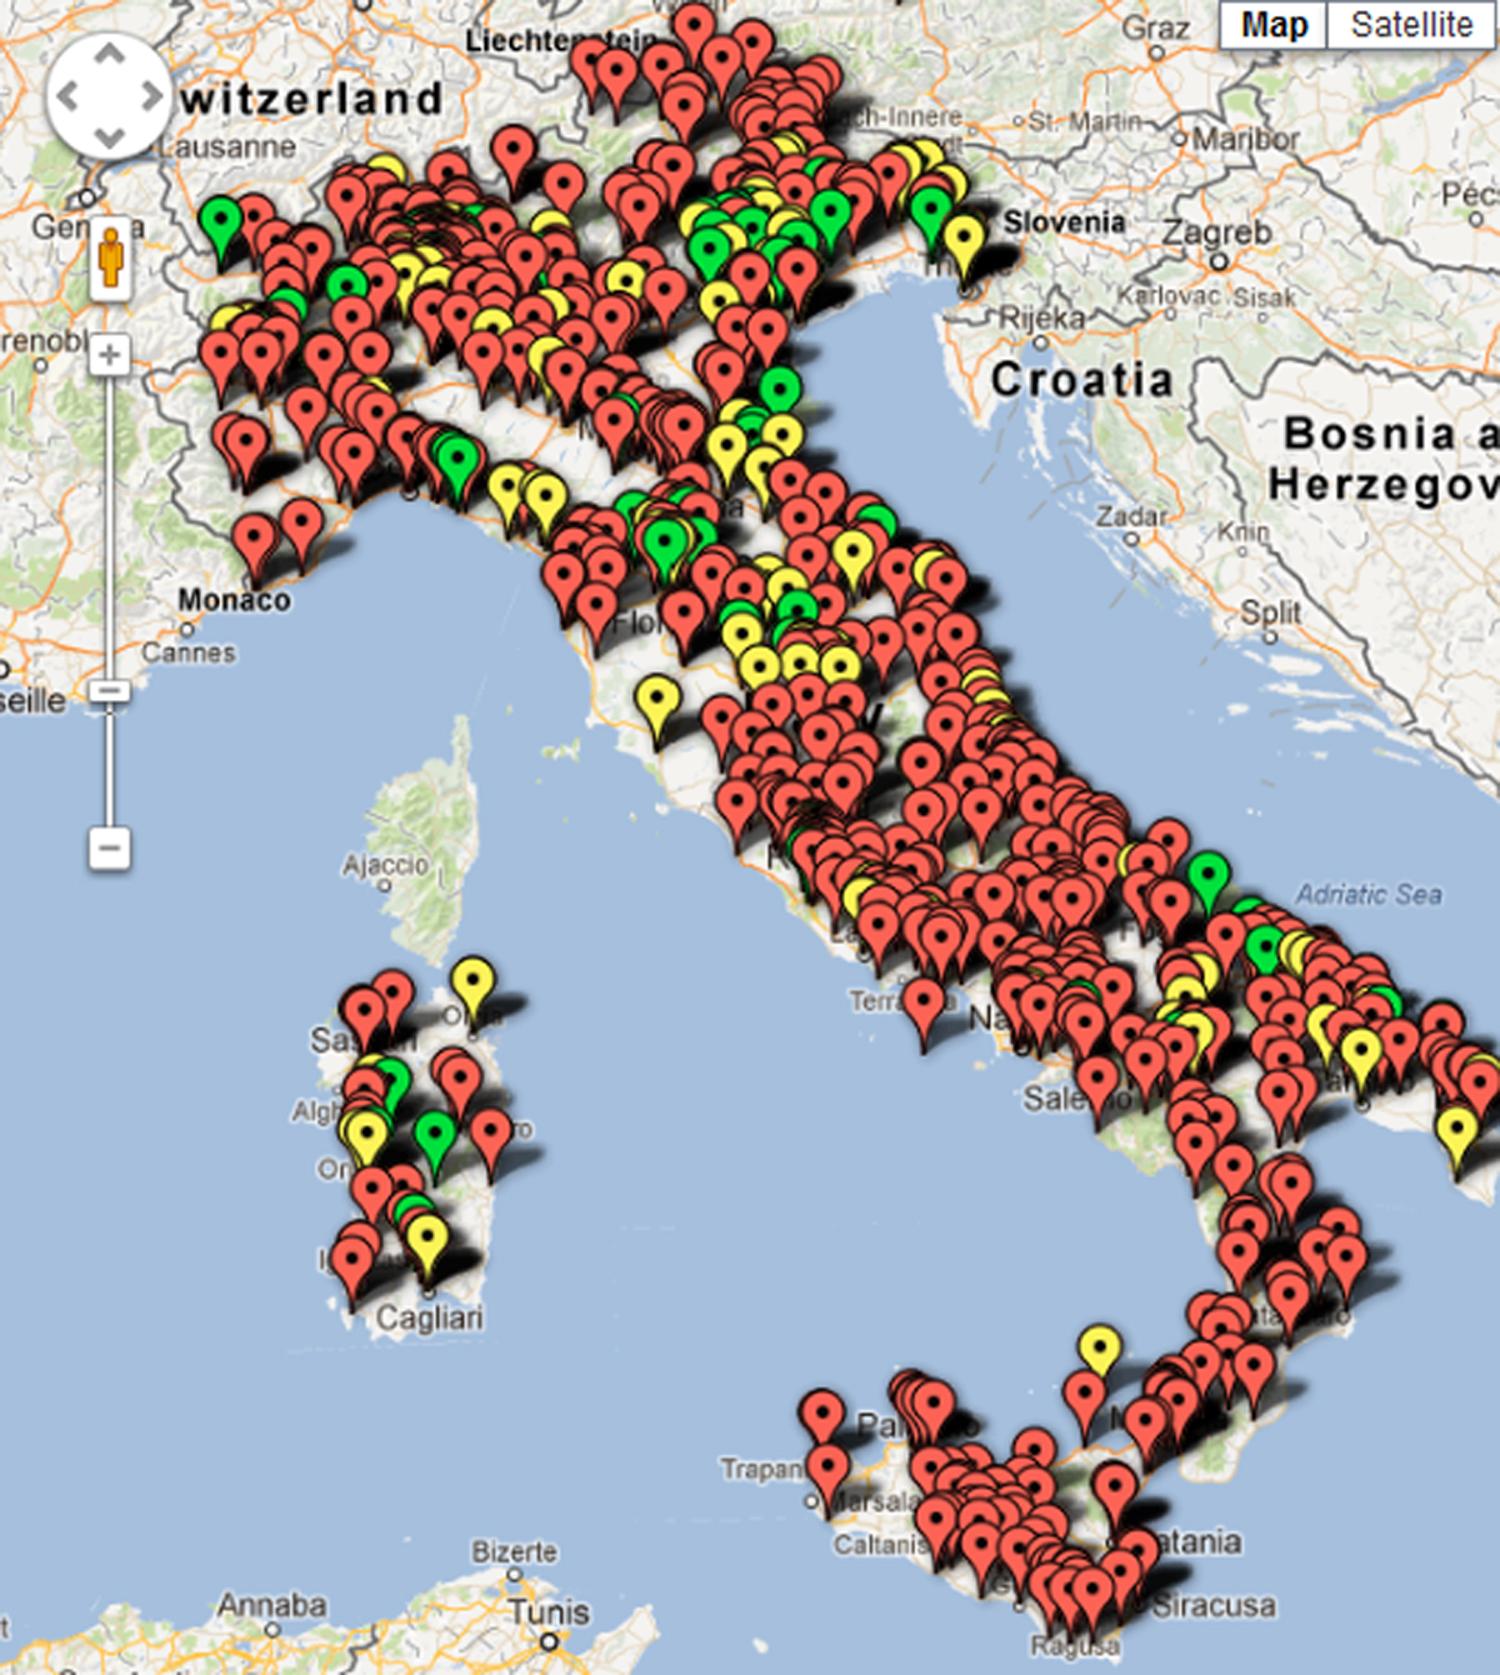 mappa delle singole PA monitorate in Era della Trasparenza